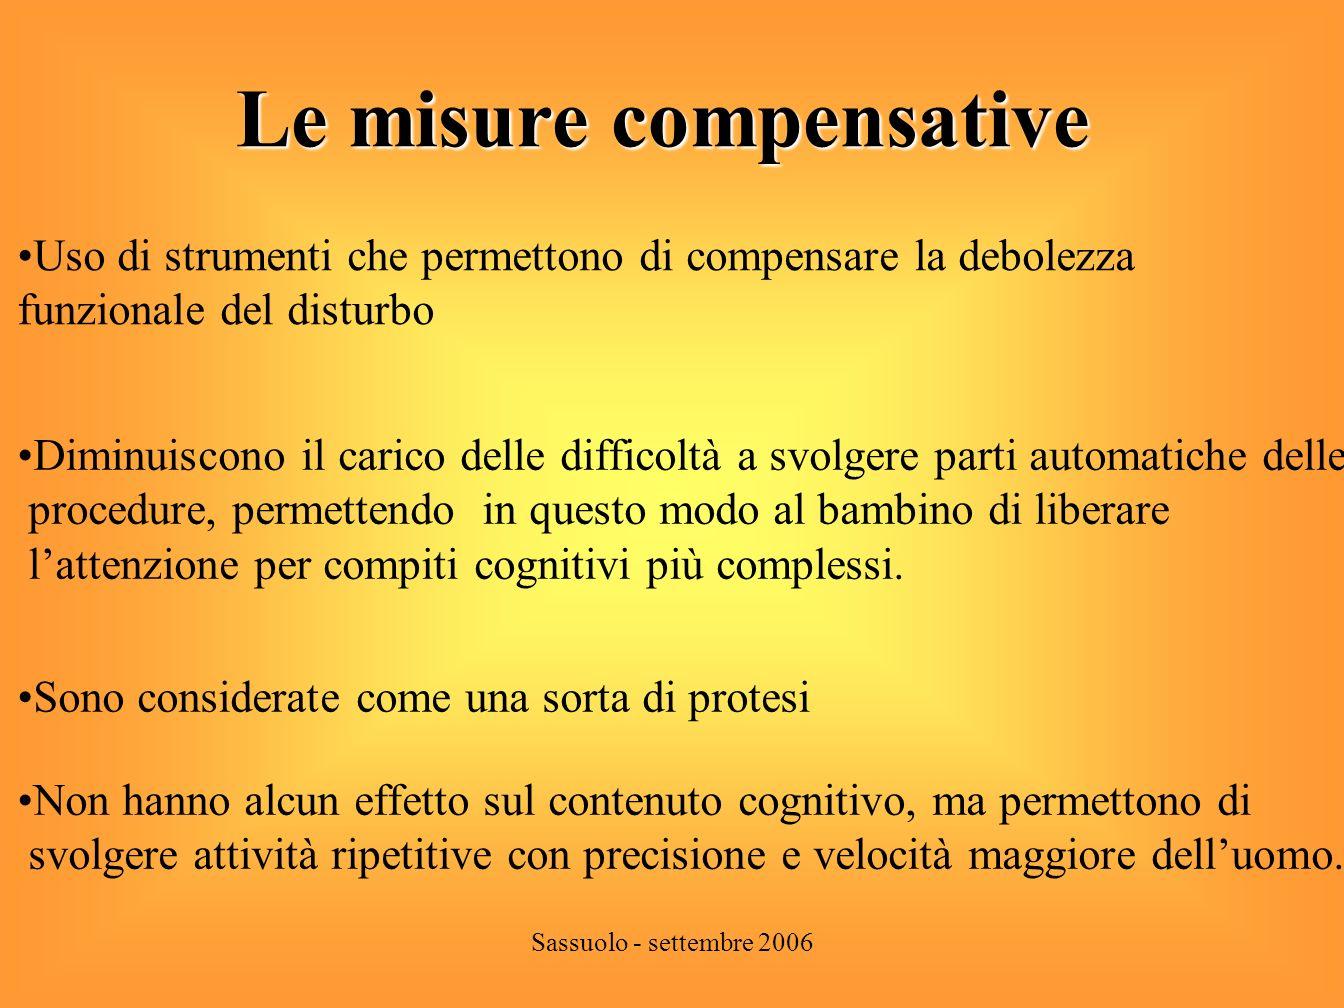 Le misure compensative